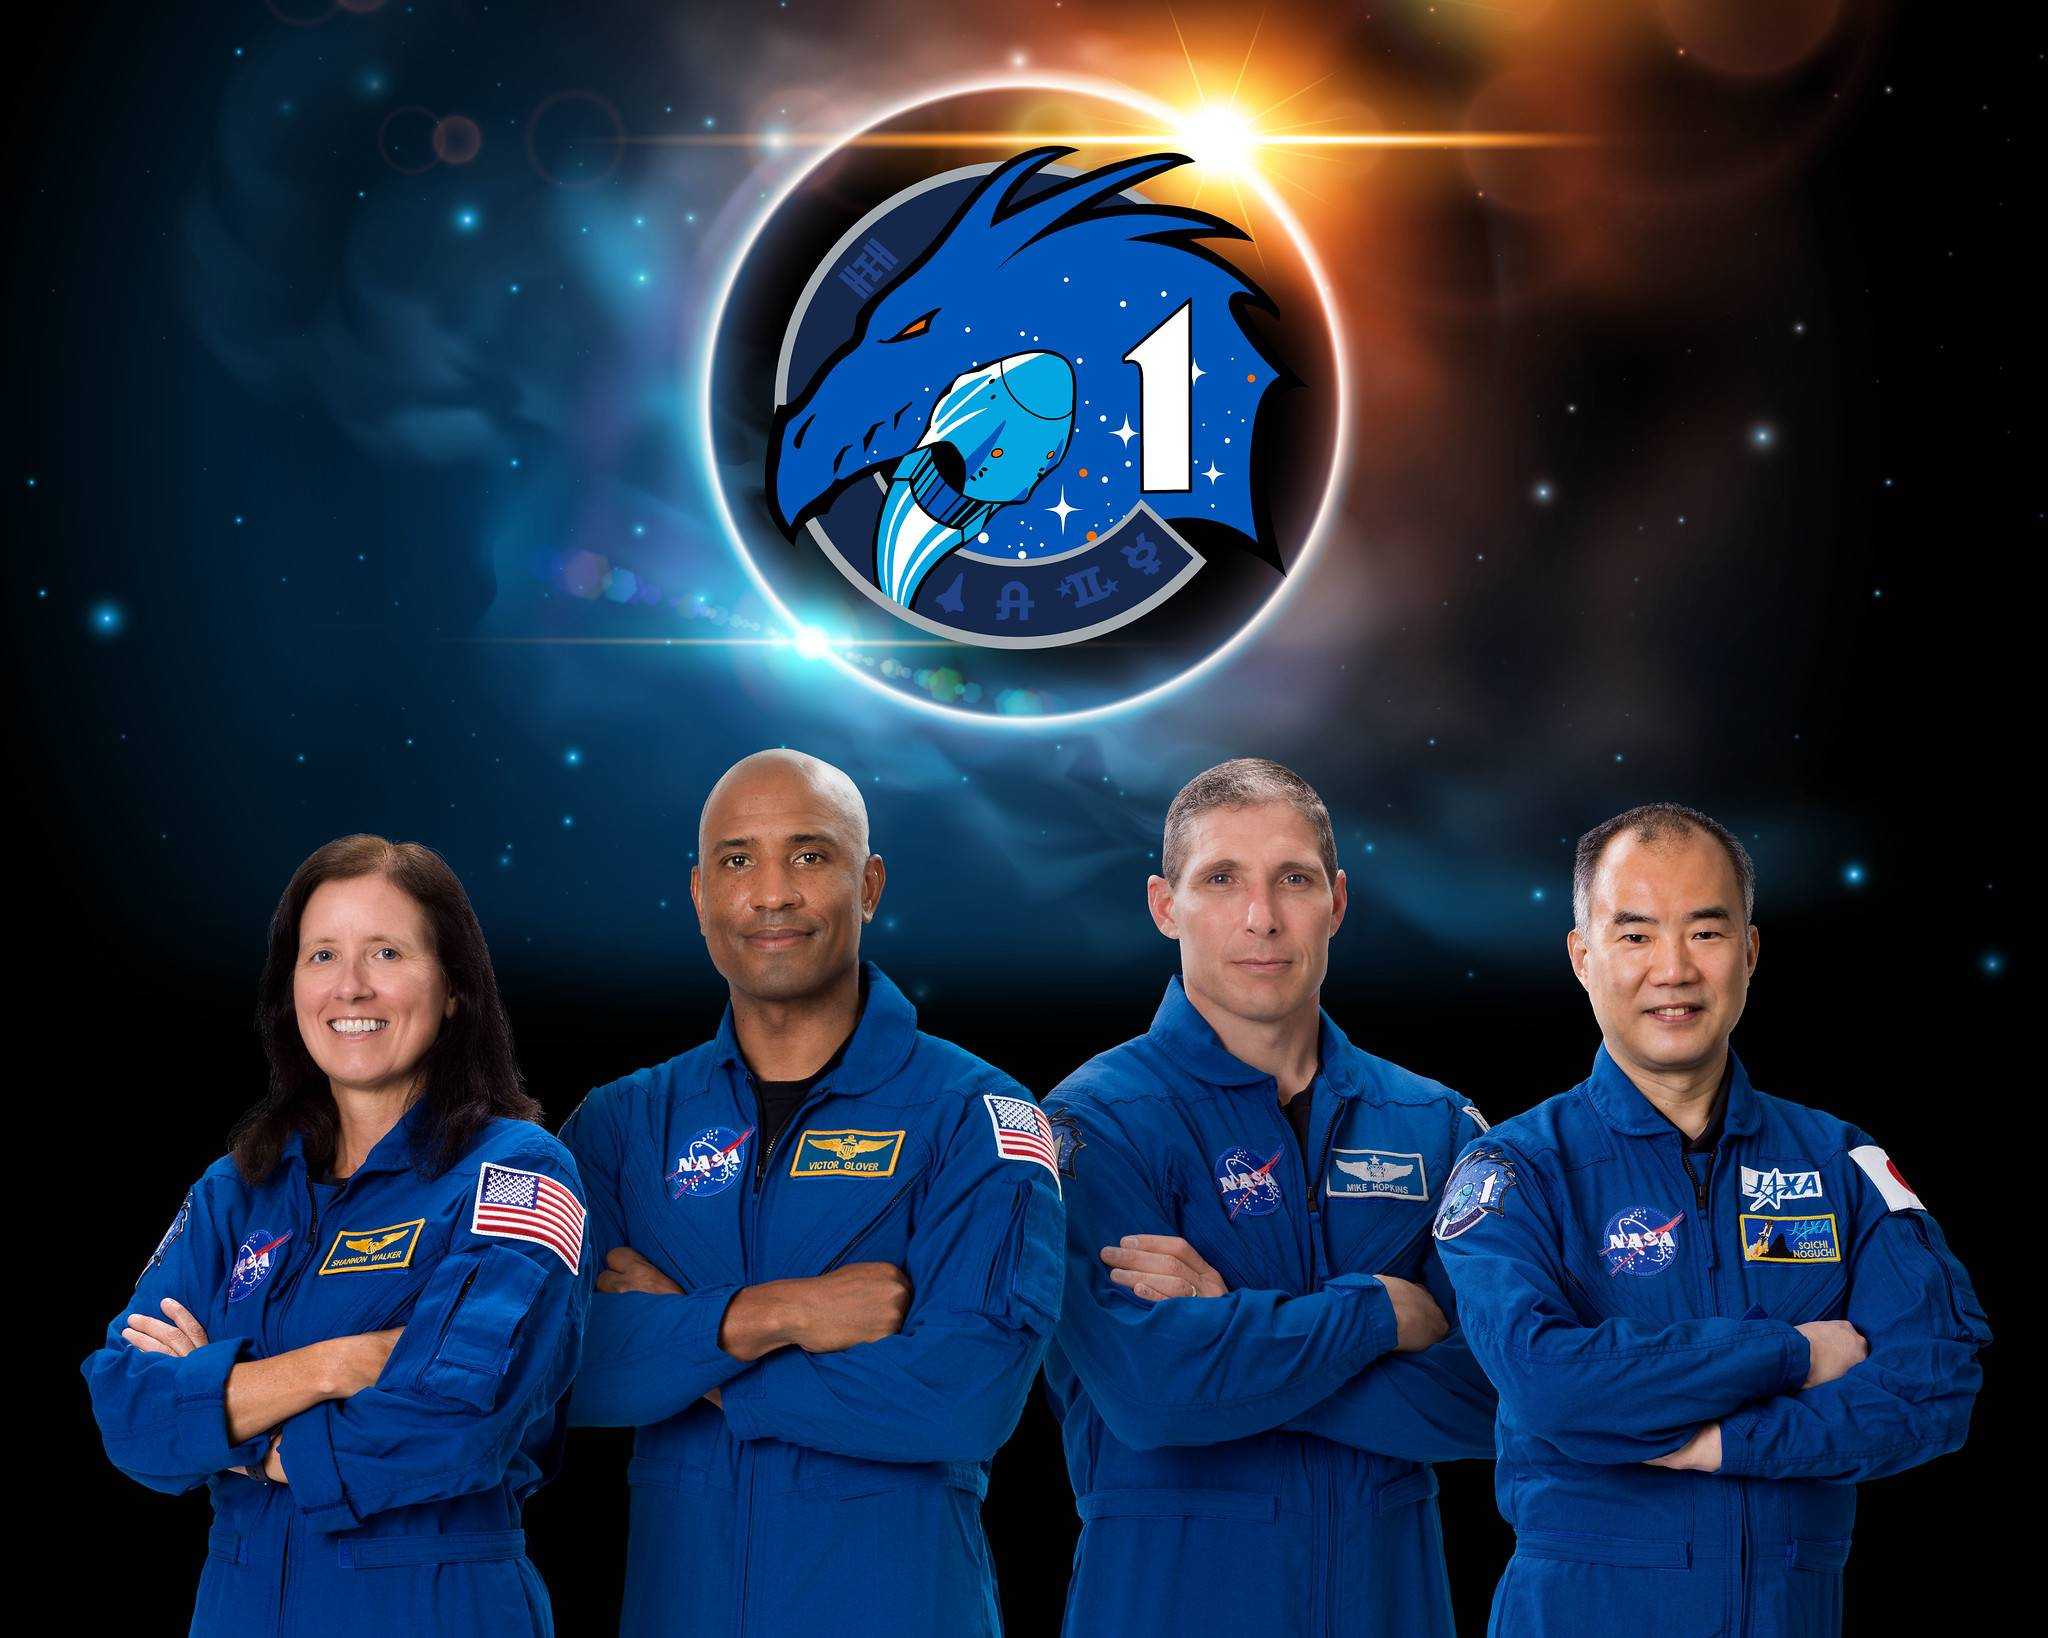 Astronautas del Crew Dragon